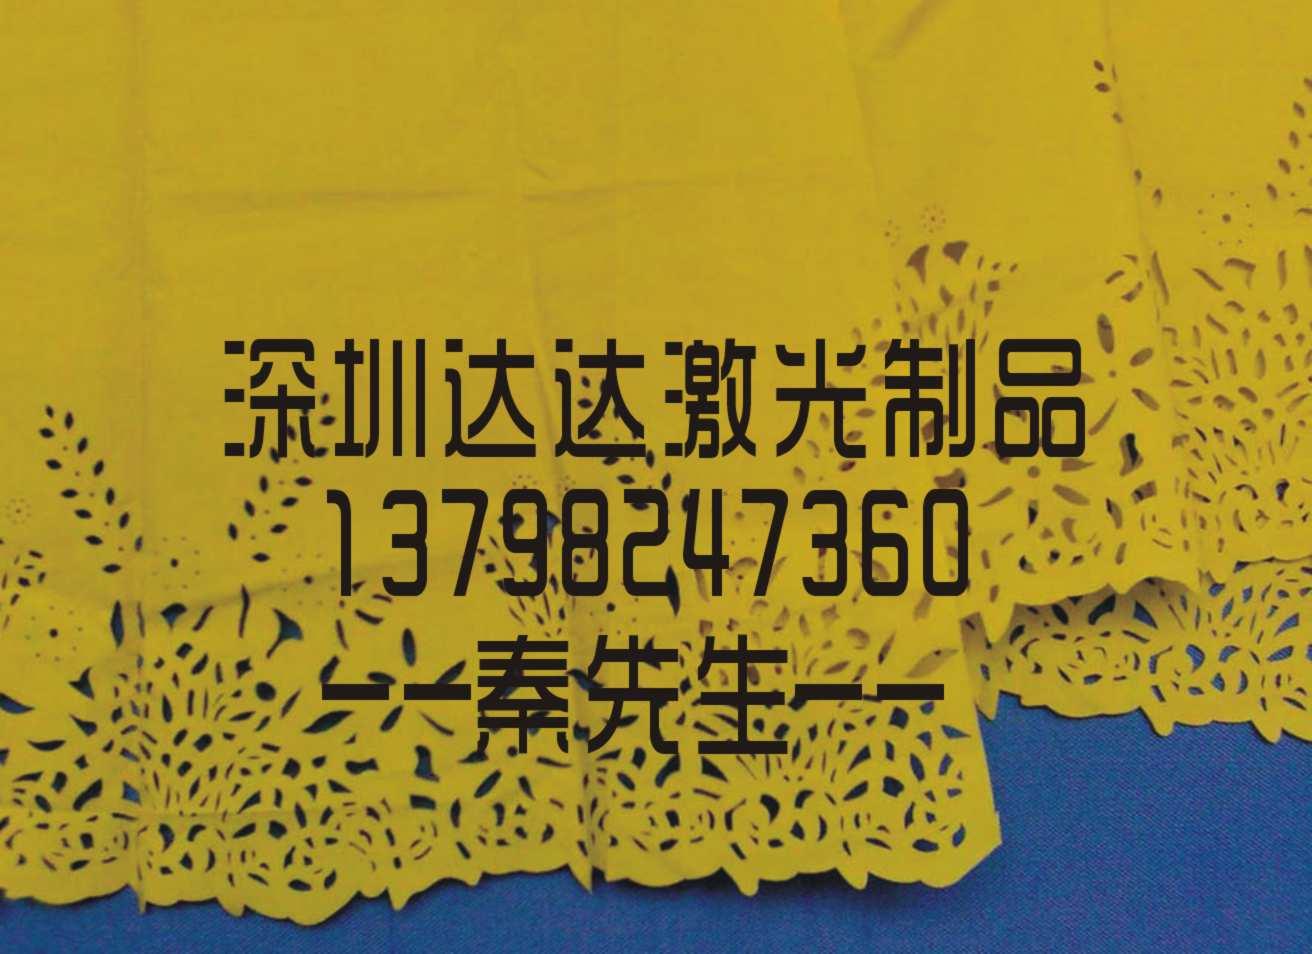 深圳服饰布料激光镂空,皮制品镭射雕刻,花边激光切割加工